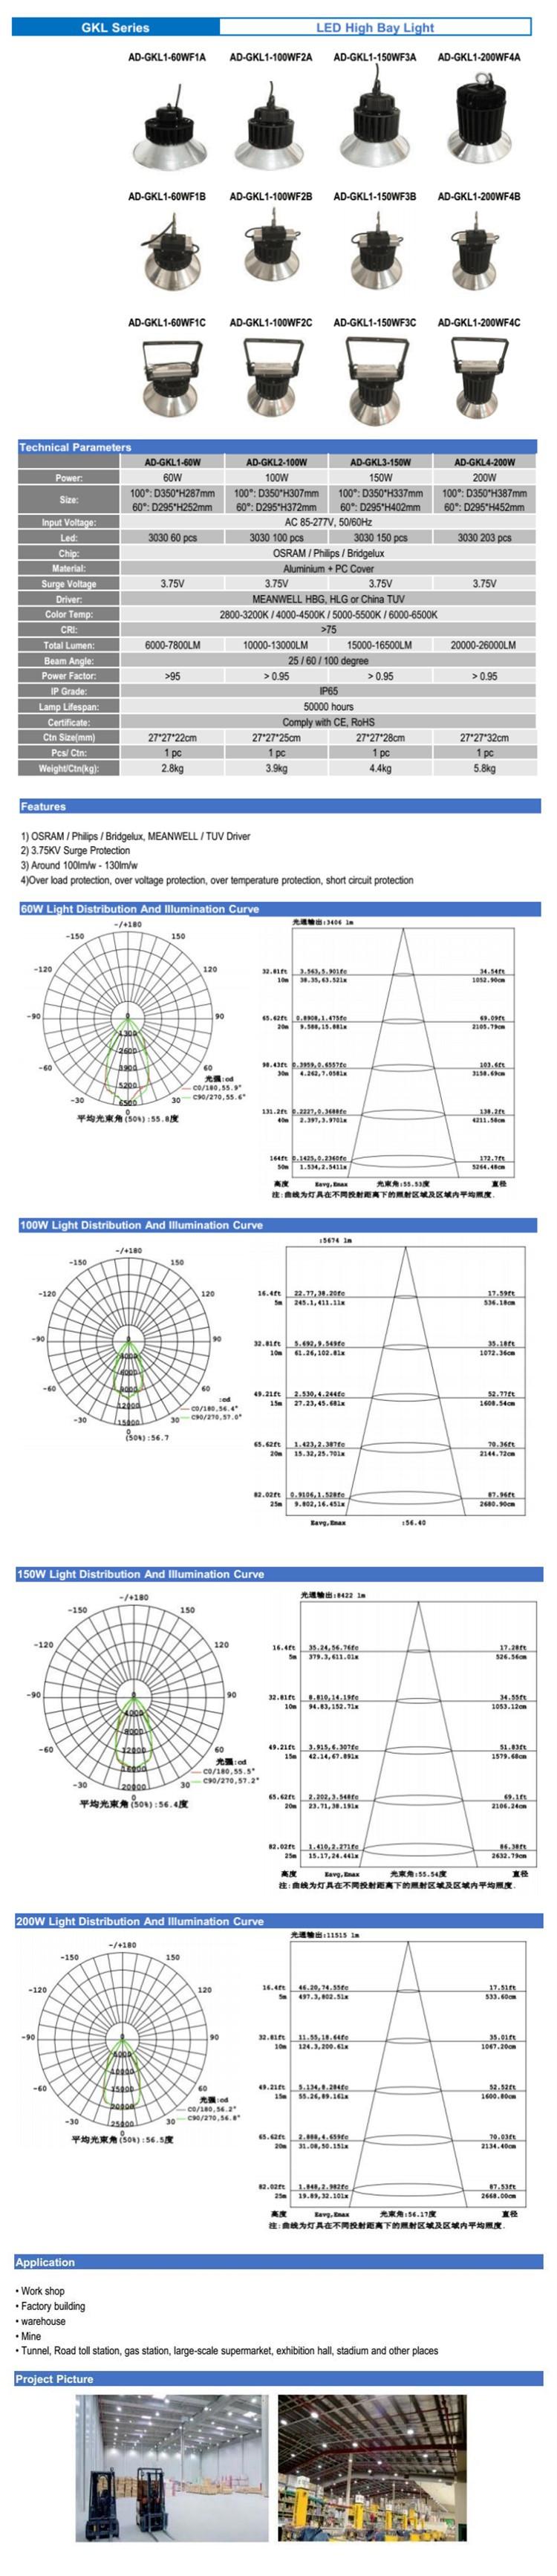 LED Bay Light Data Sheet